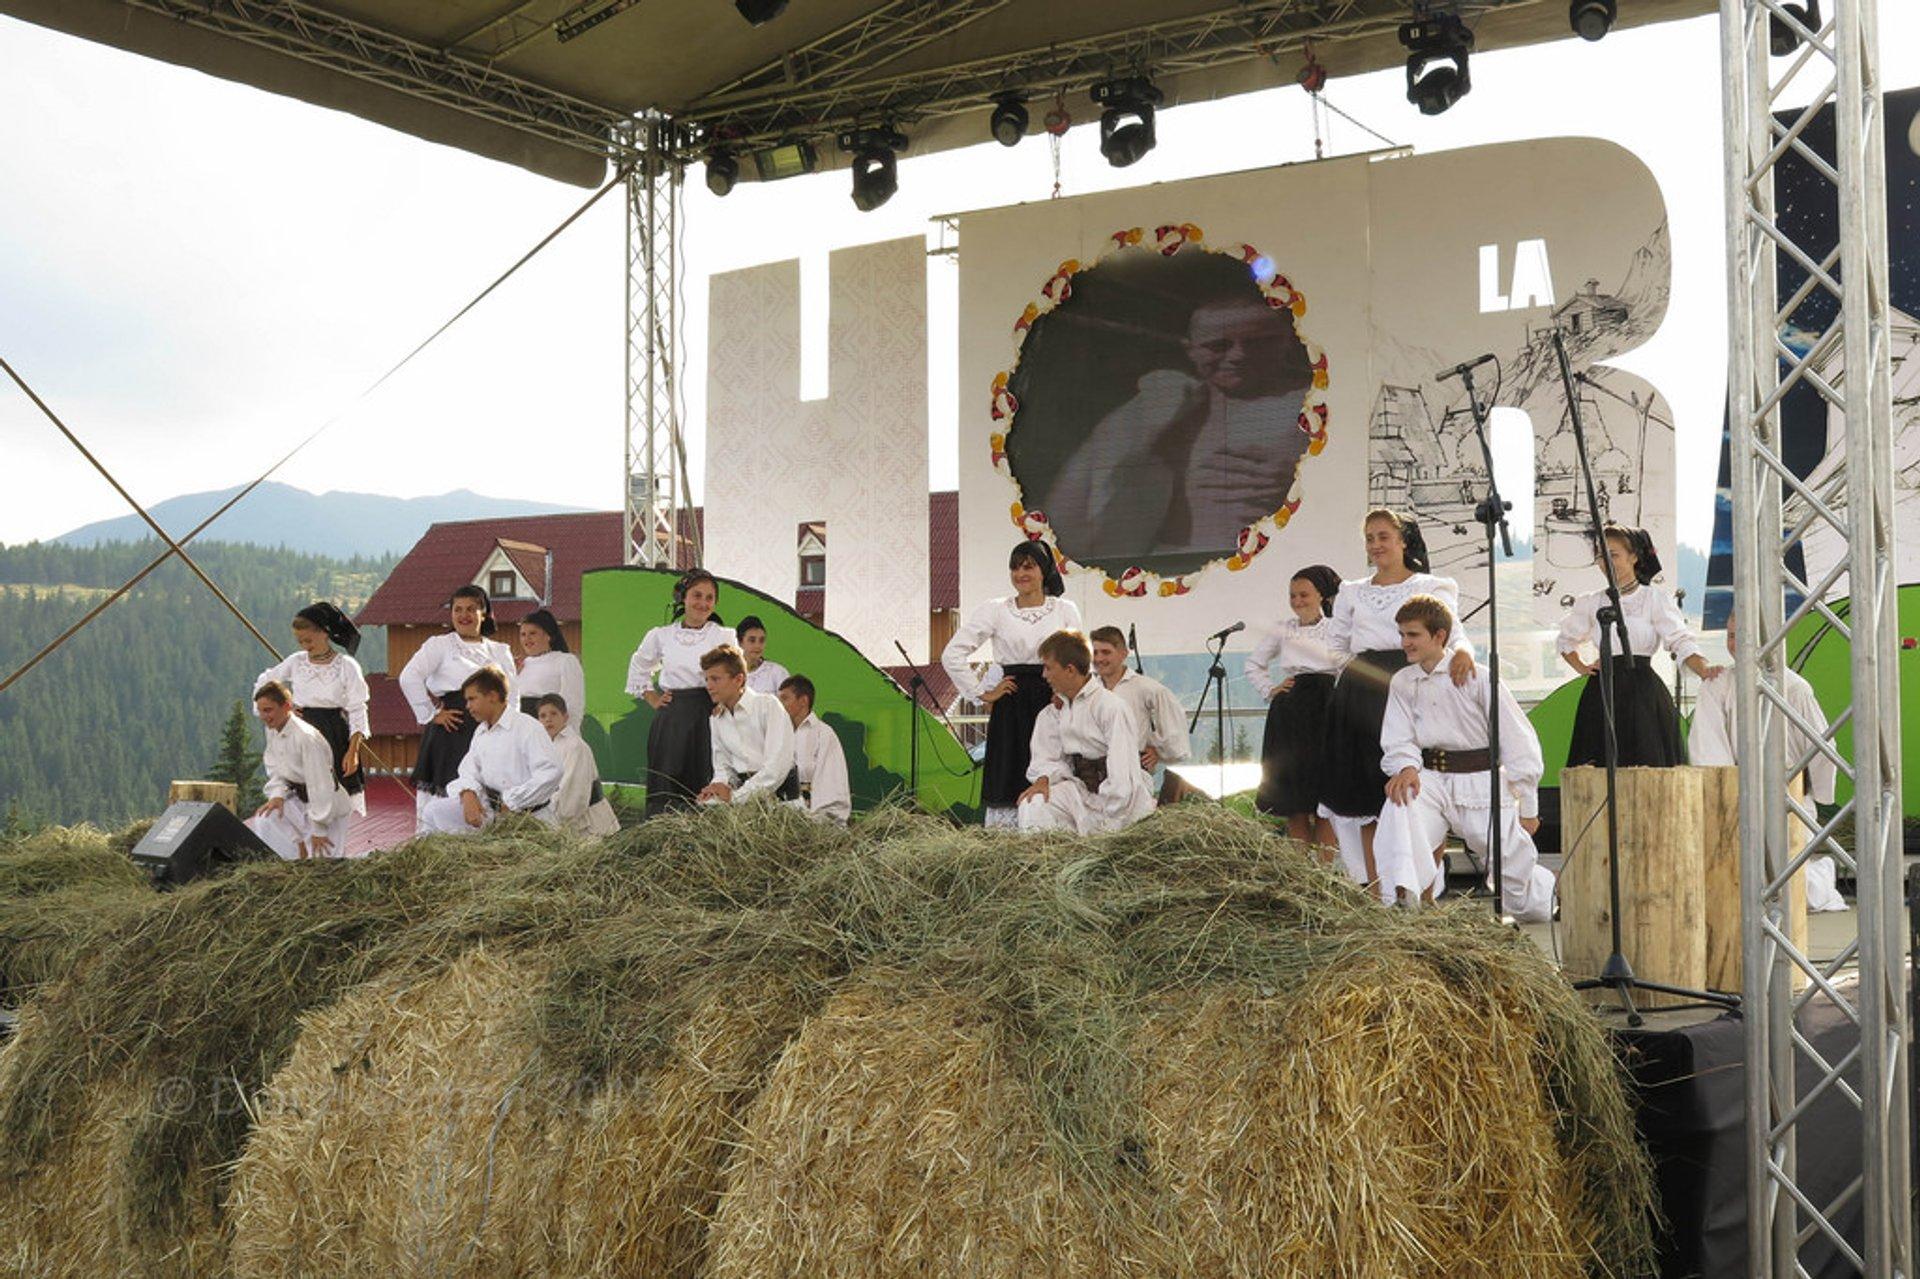 Prislop Pass Folk Festival in Romania - Best Season